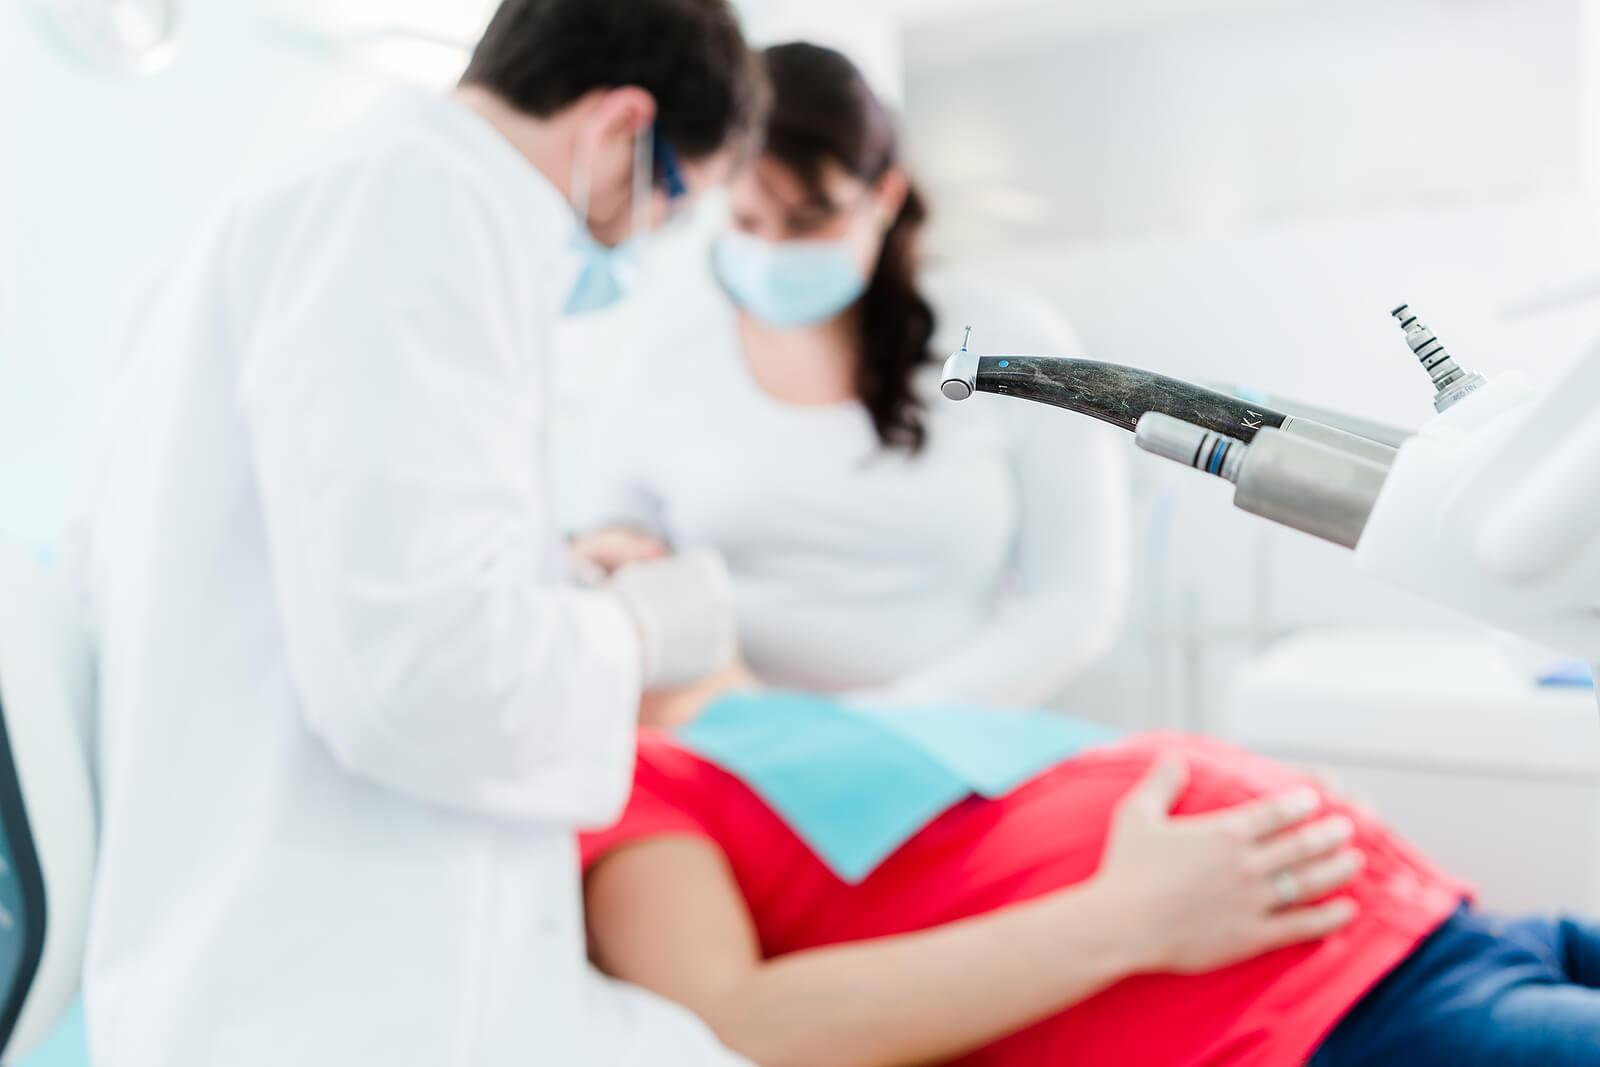 Mujer embarazada haciéndose una limpieza dental.